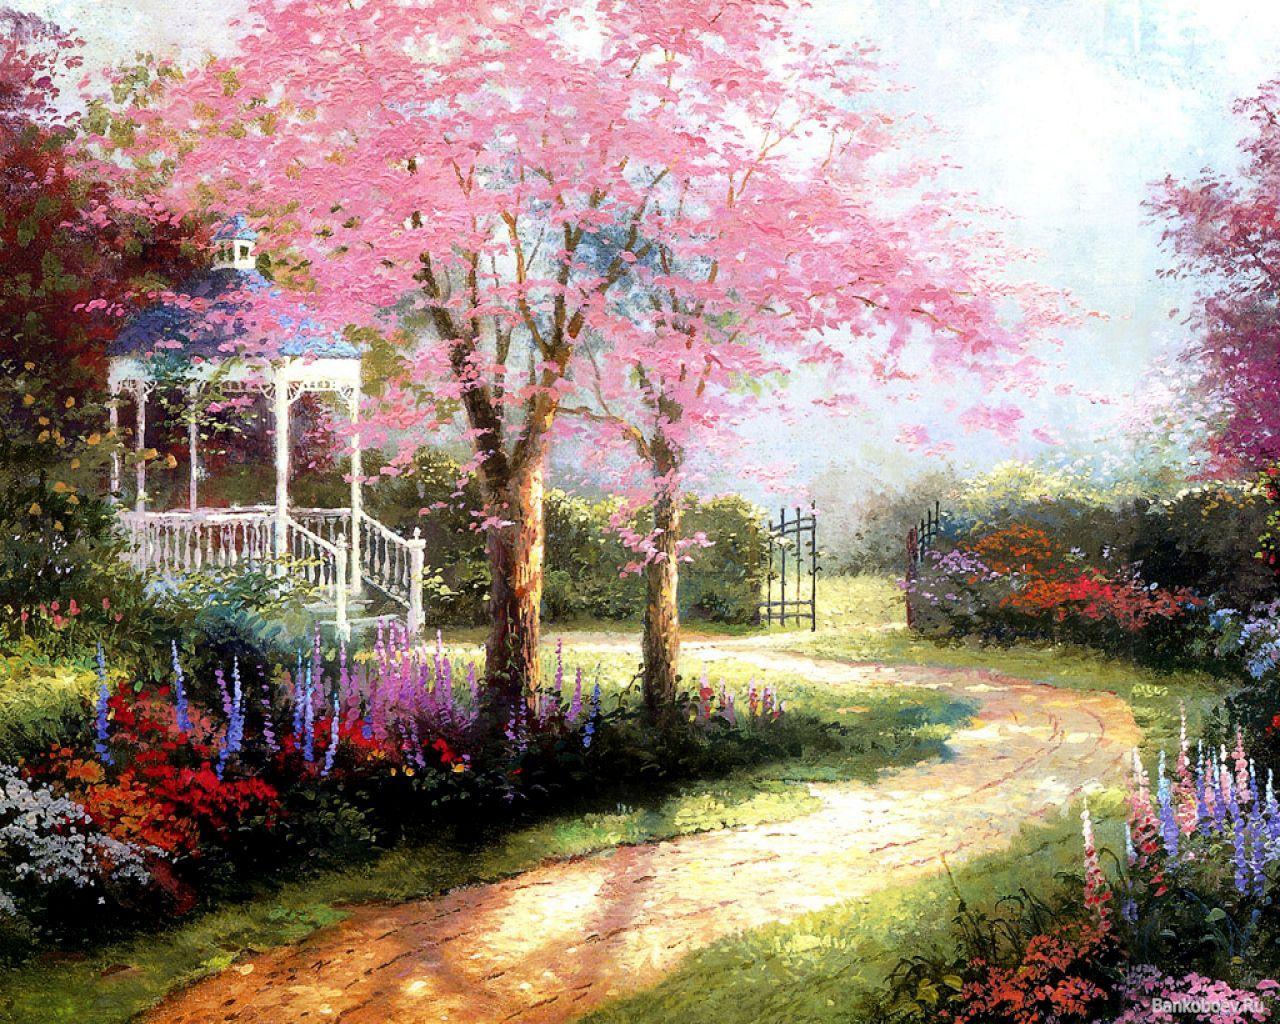 Spring Flowers Wallpapers HD Wallpaper of Flower   hdwallpaper2013com 1280x1024